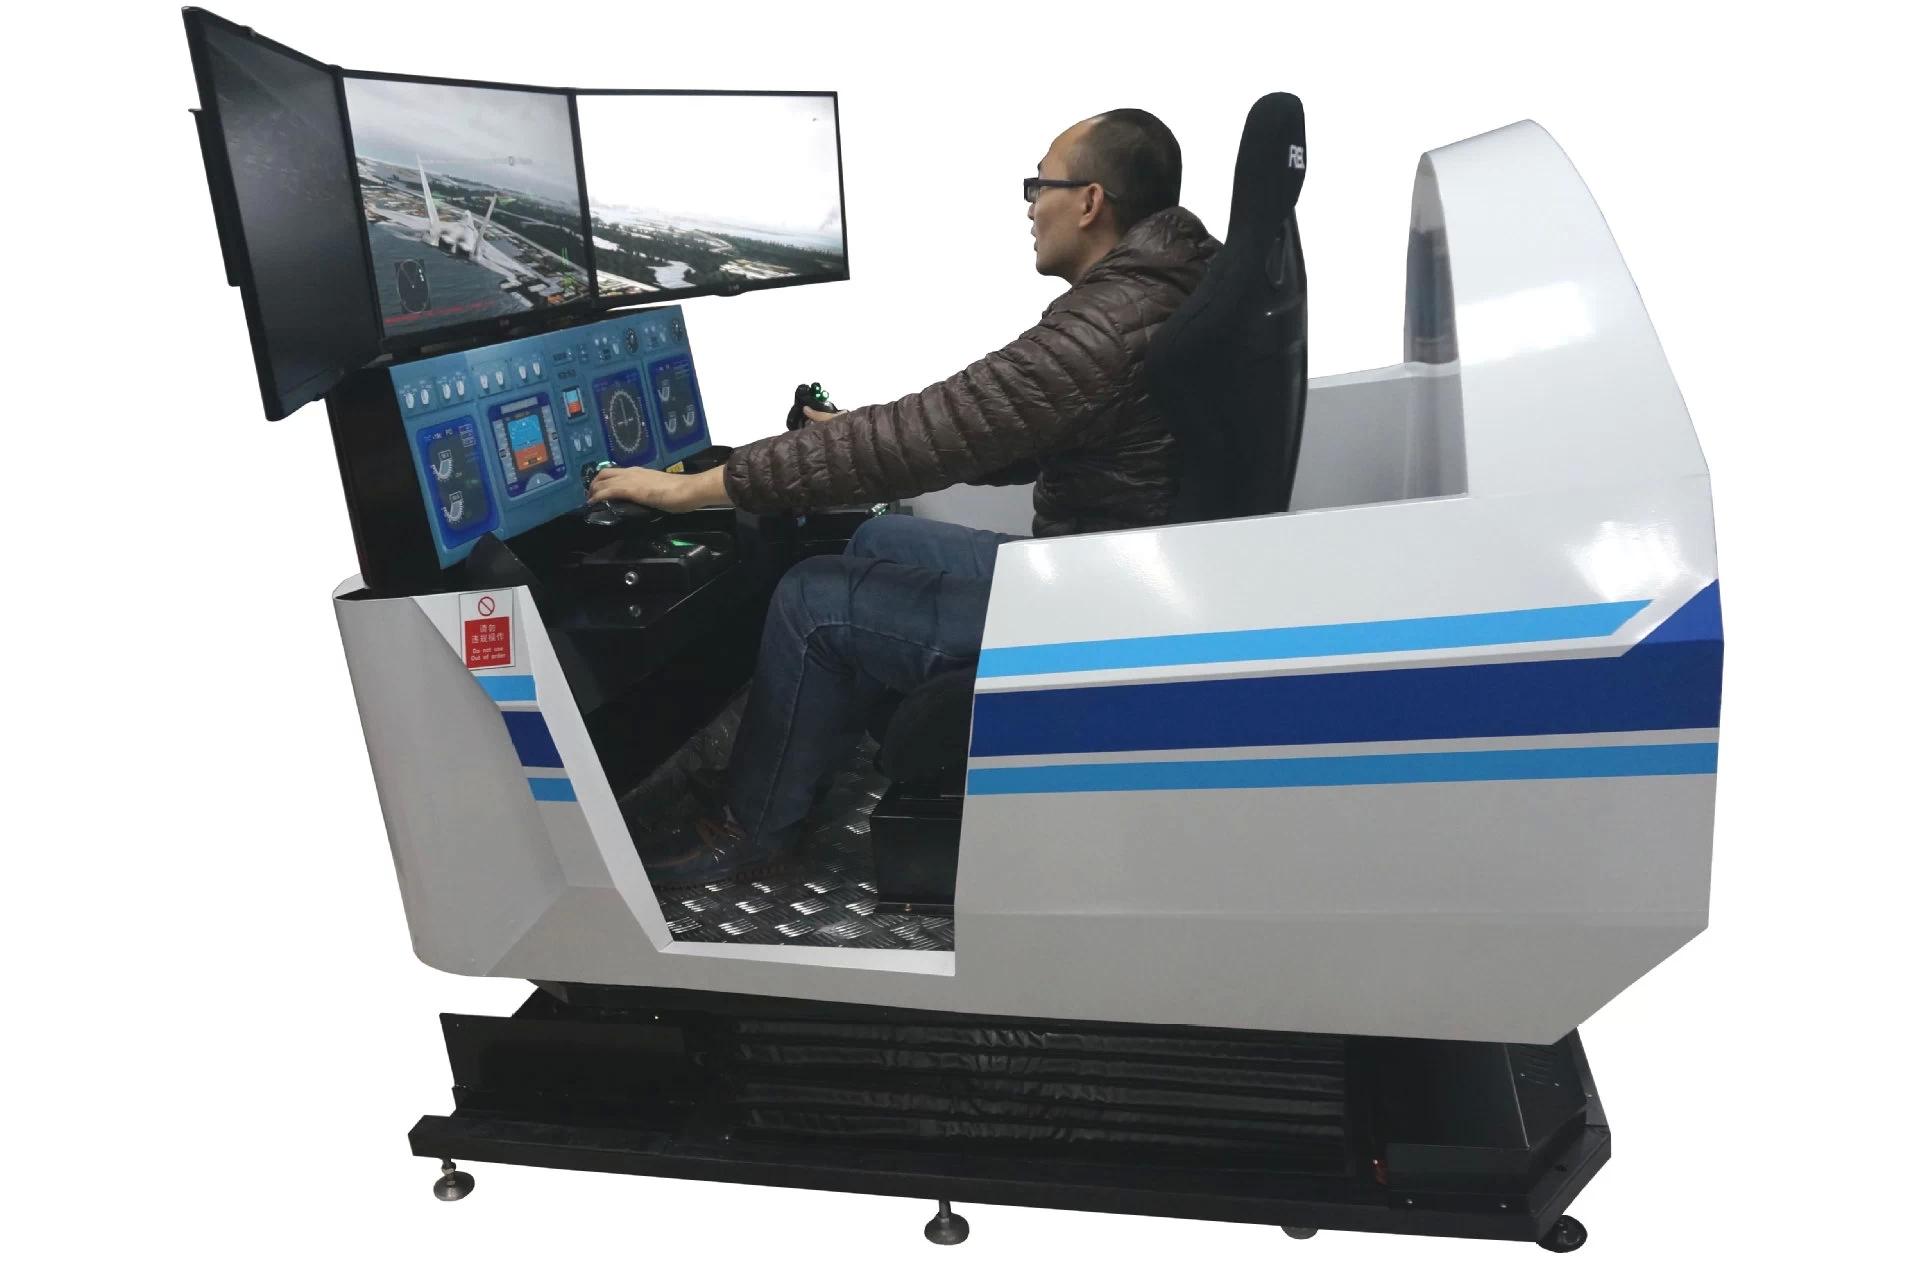 模拟器_模拟器供货商_飞行模拟器专业飞行模拟训练机